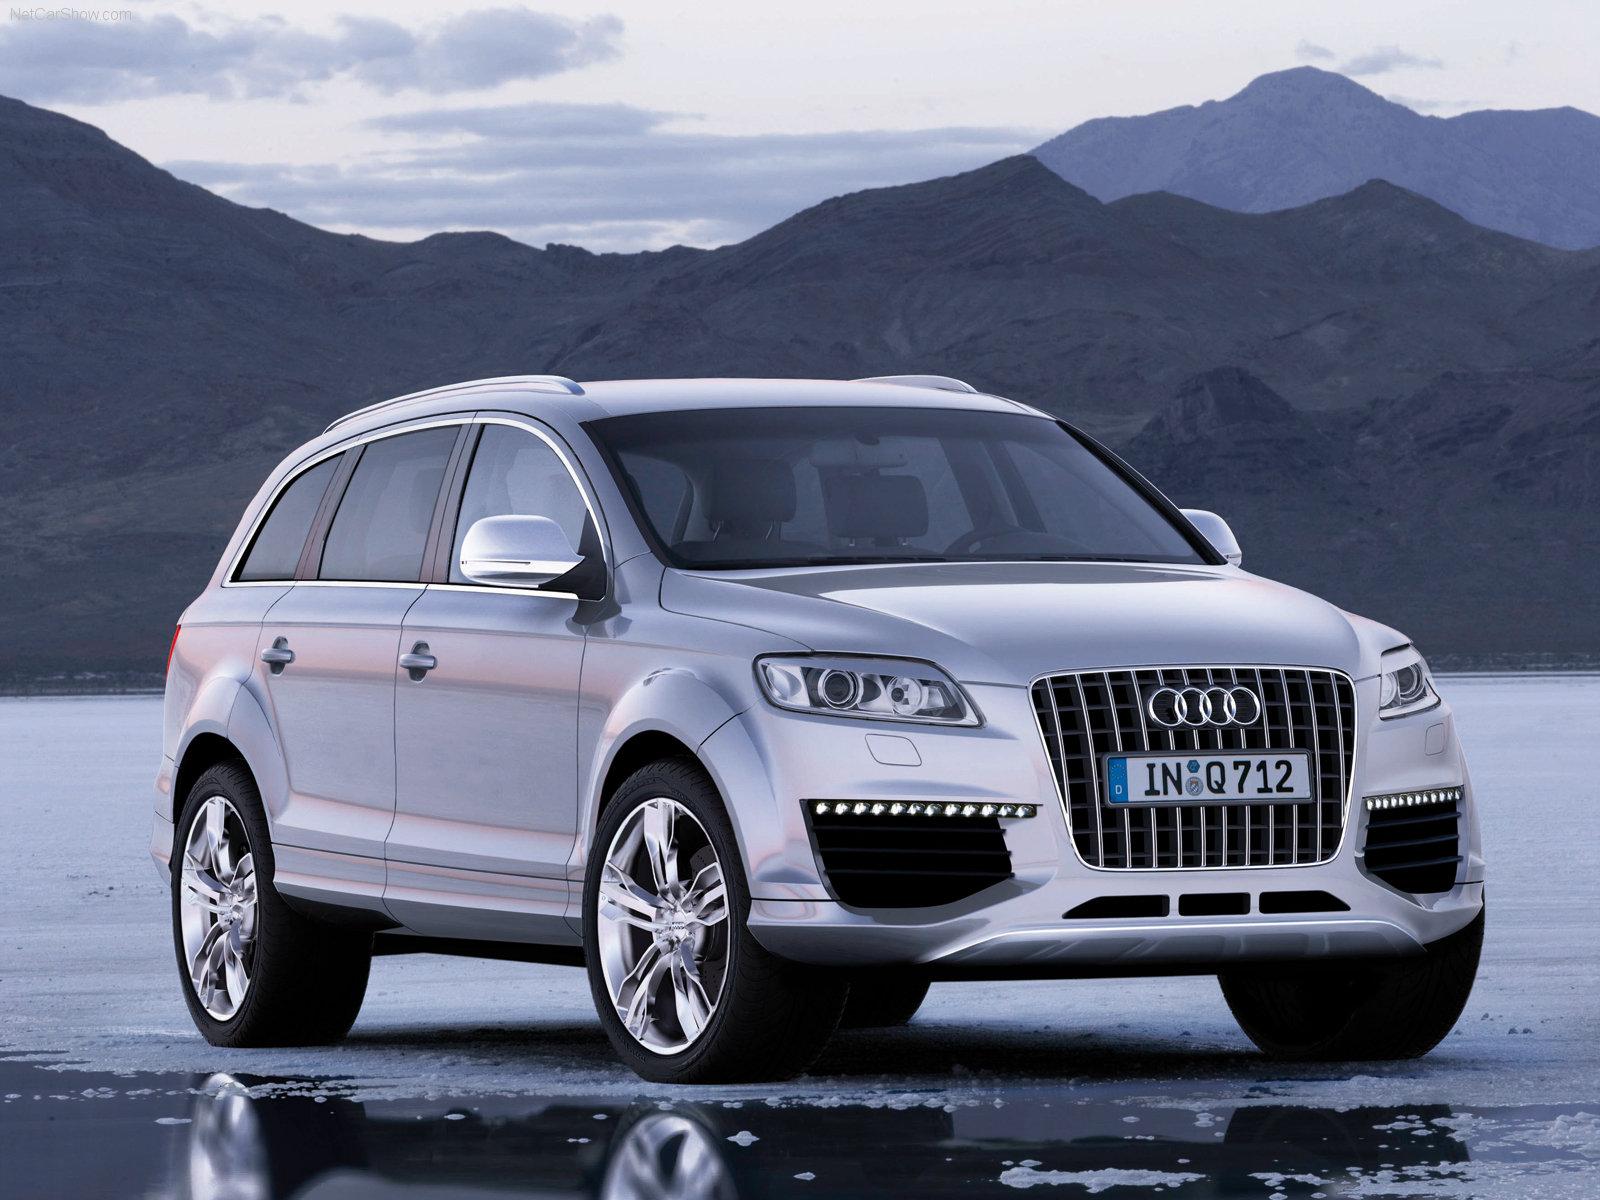 Audi Q7 (2007)